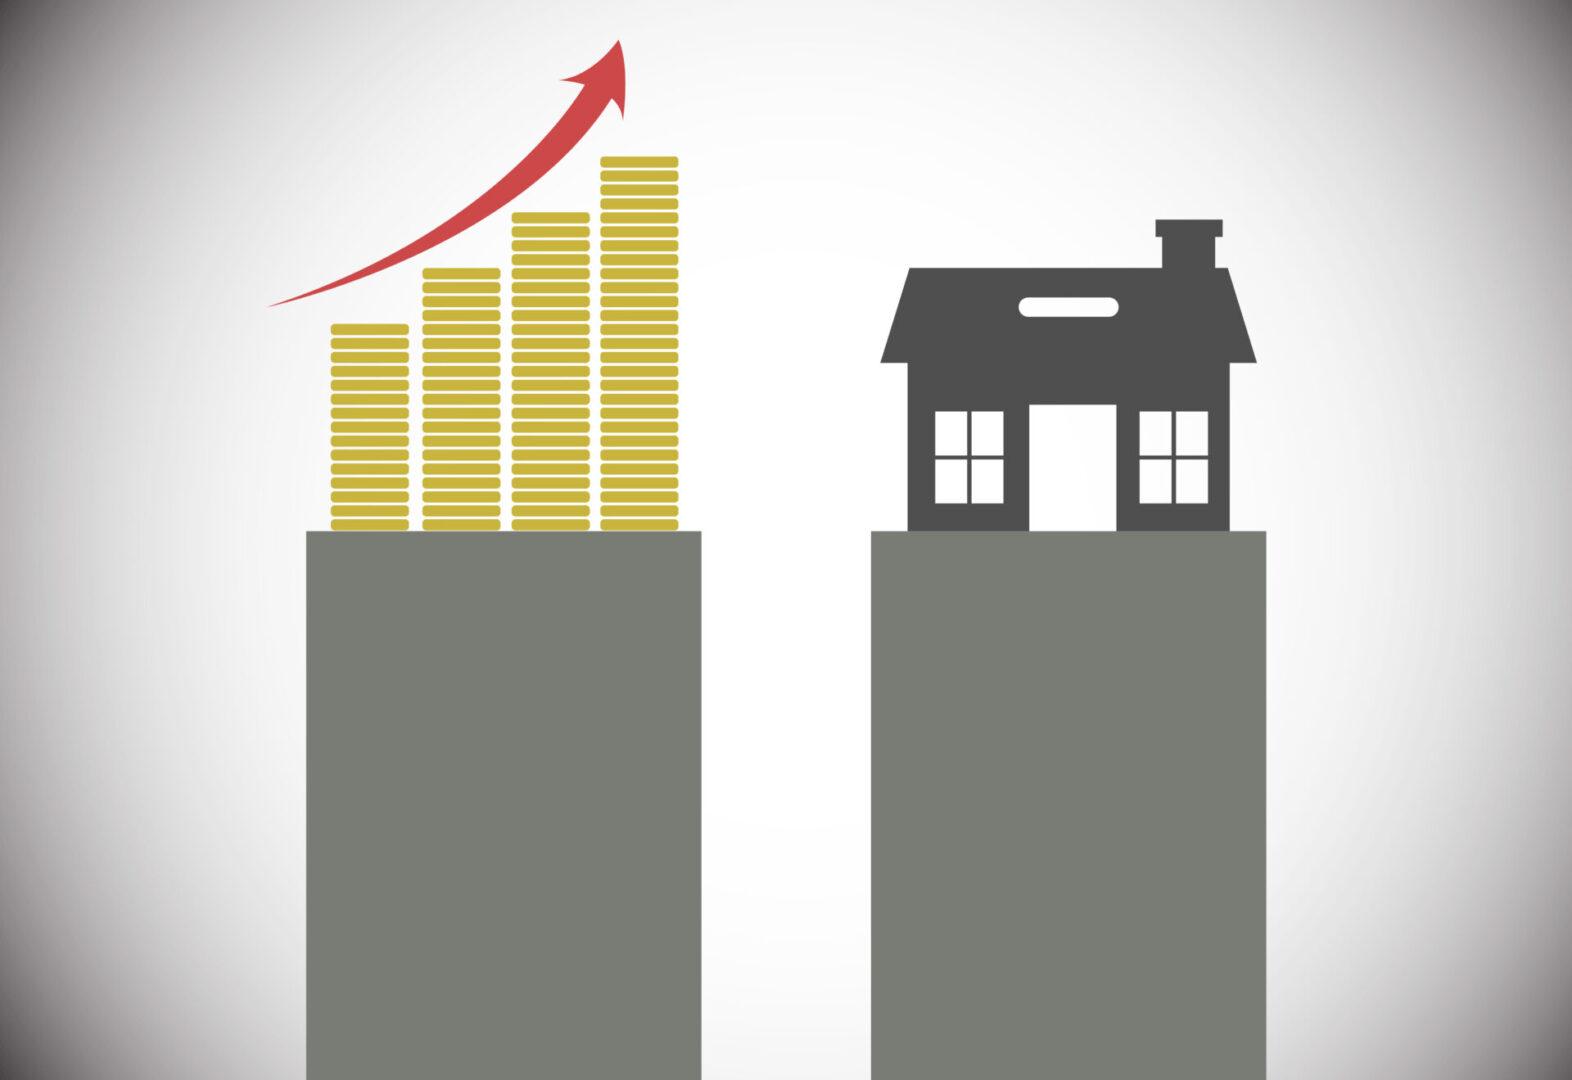 manyfinancingoptions